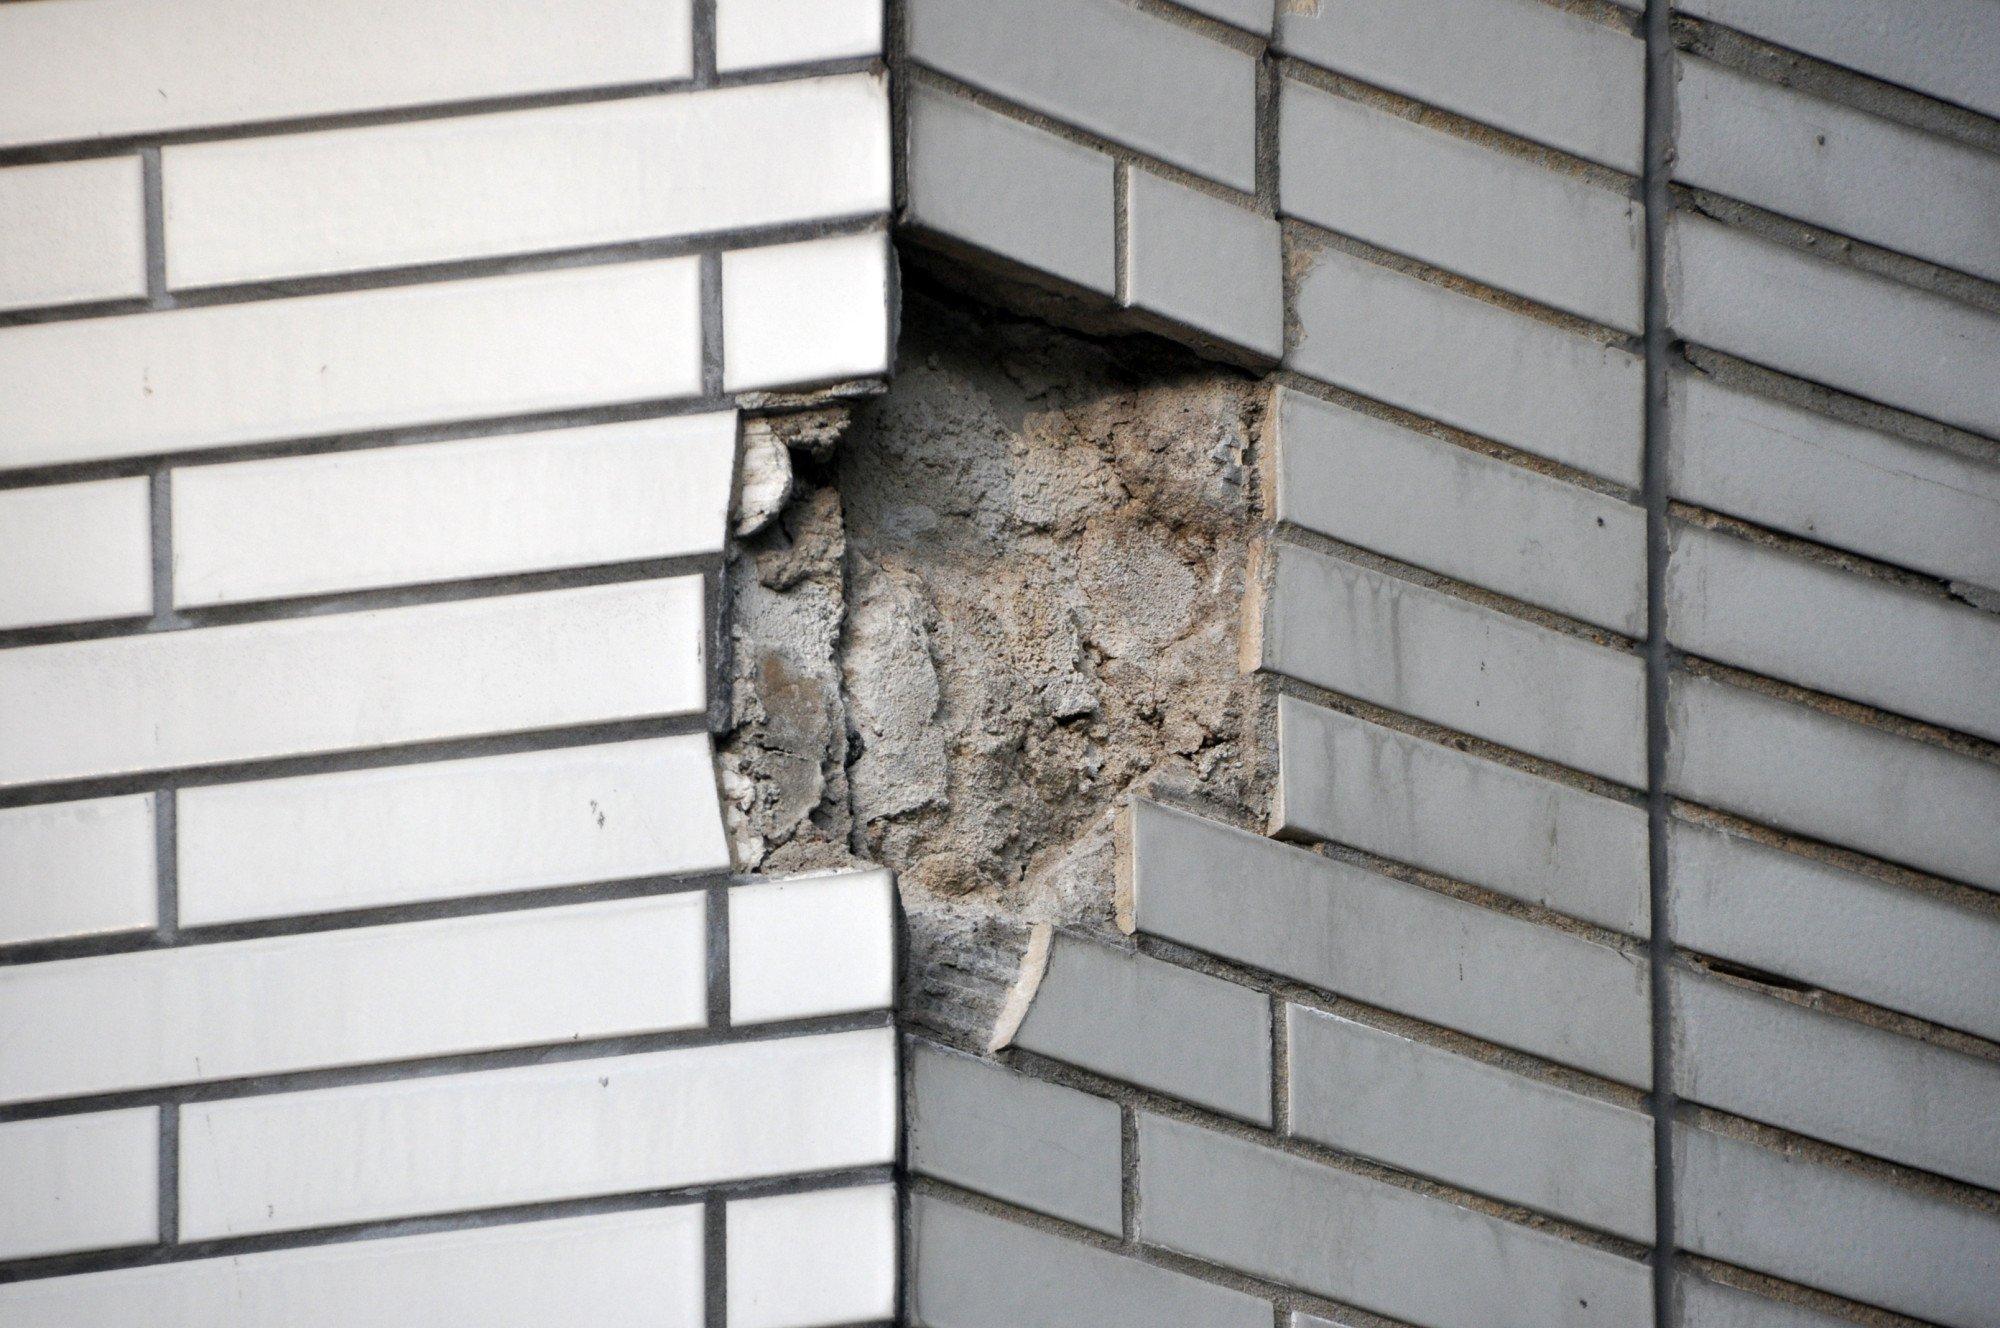 Schäden An Einzelnen Fliesen Fliesen Und Platten Schäden - Fliesen lösen ohne beschädigung